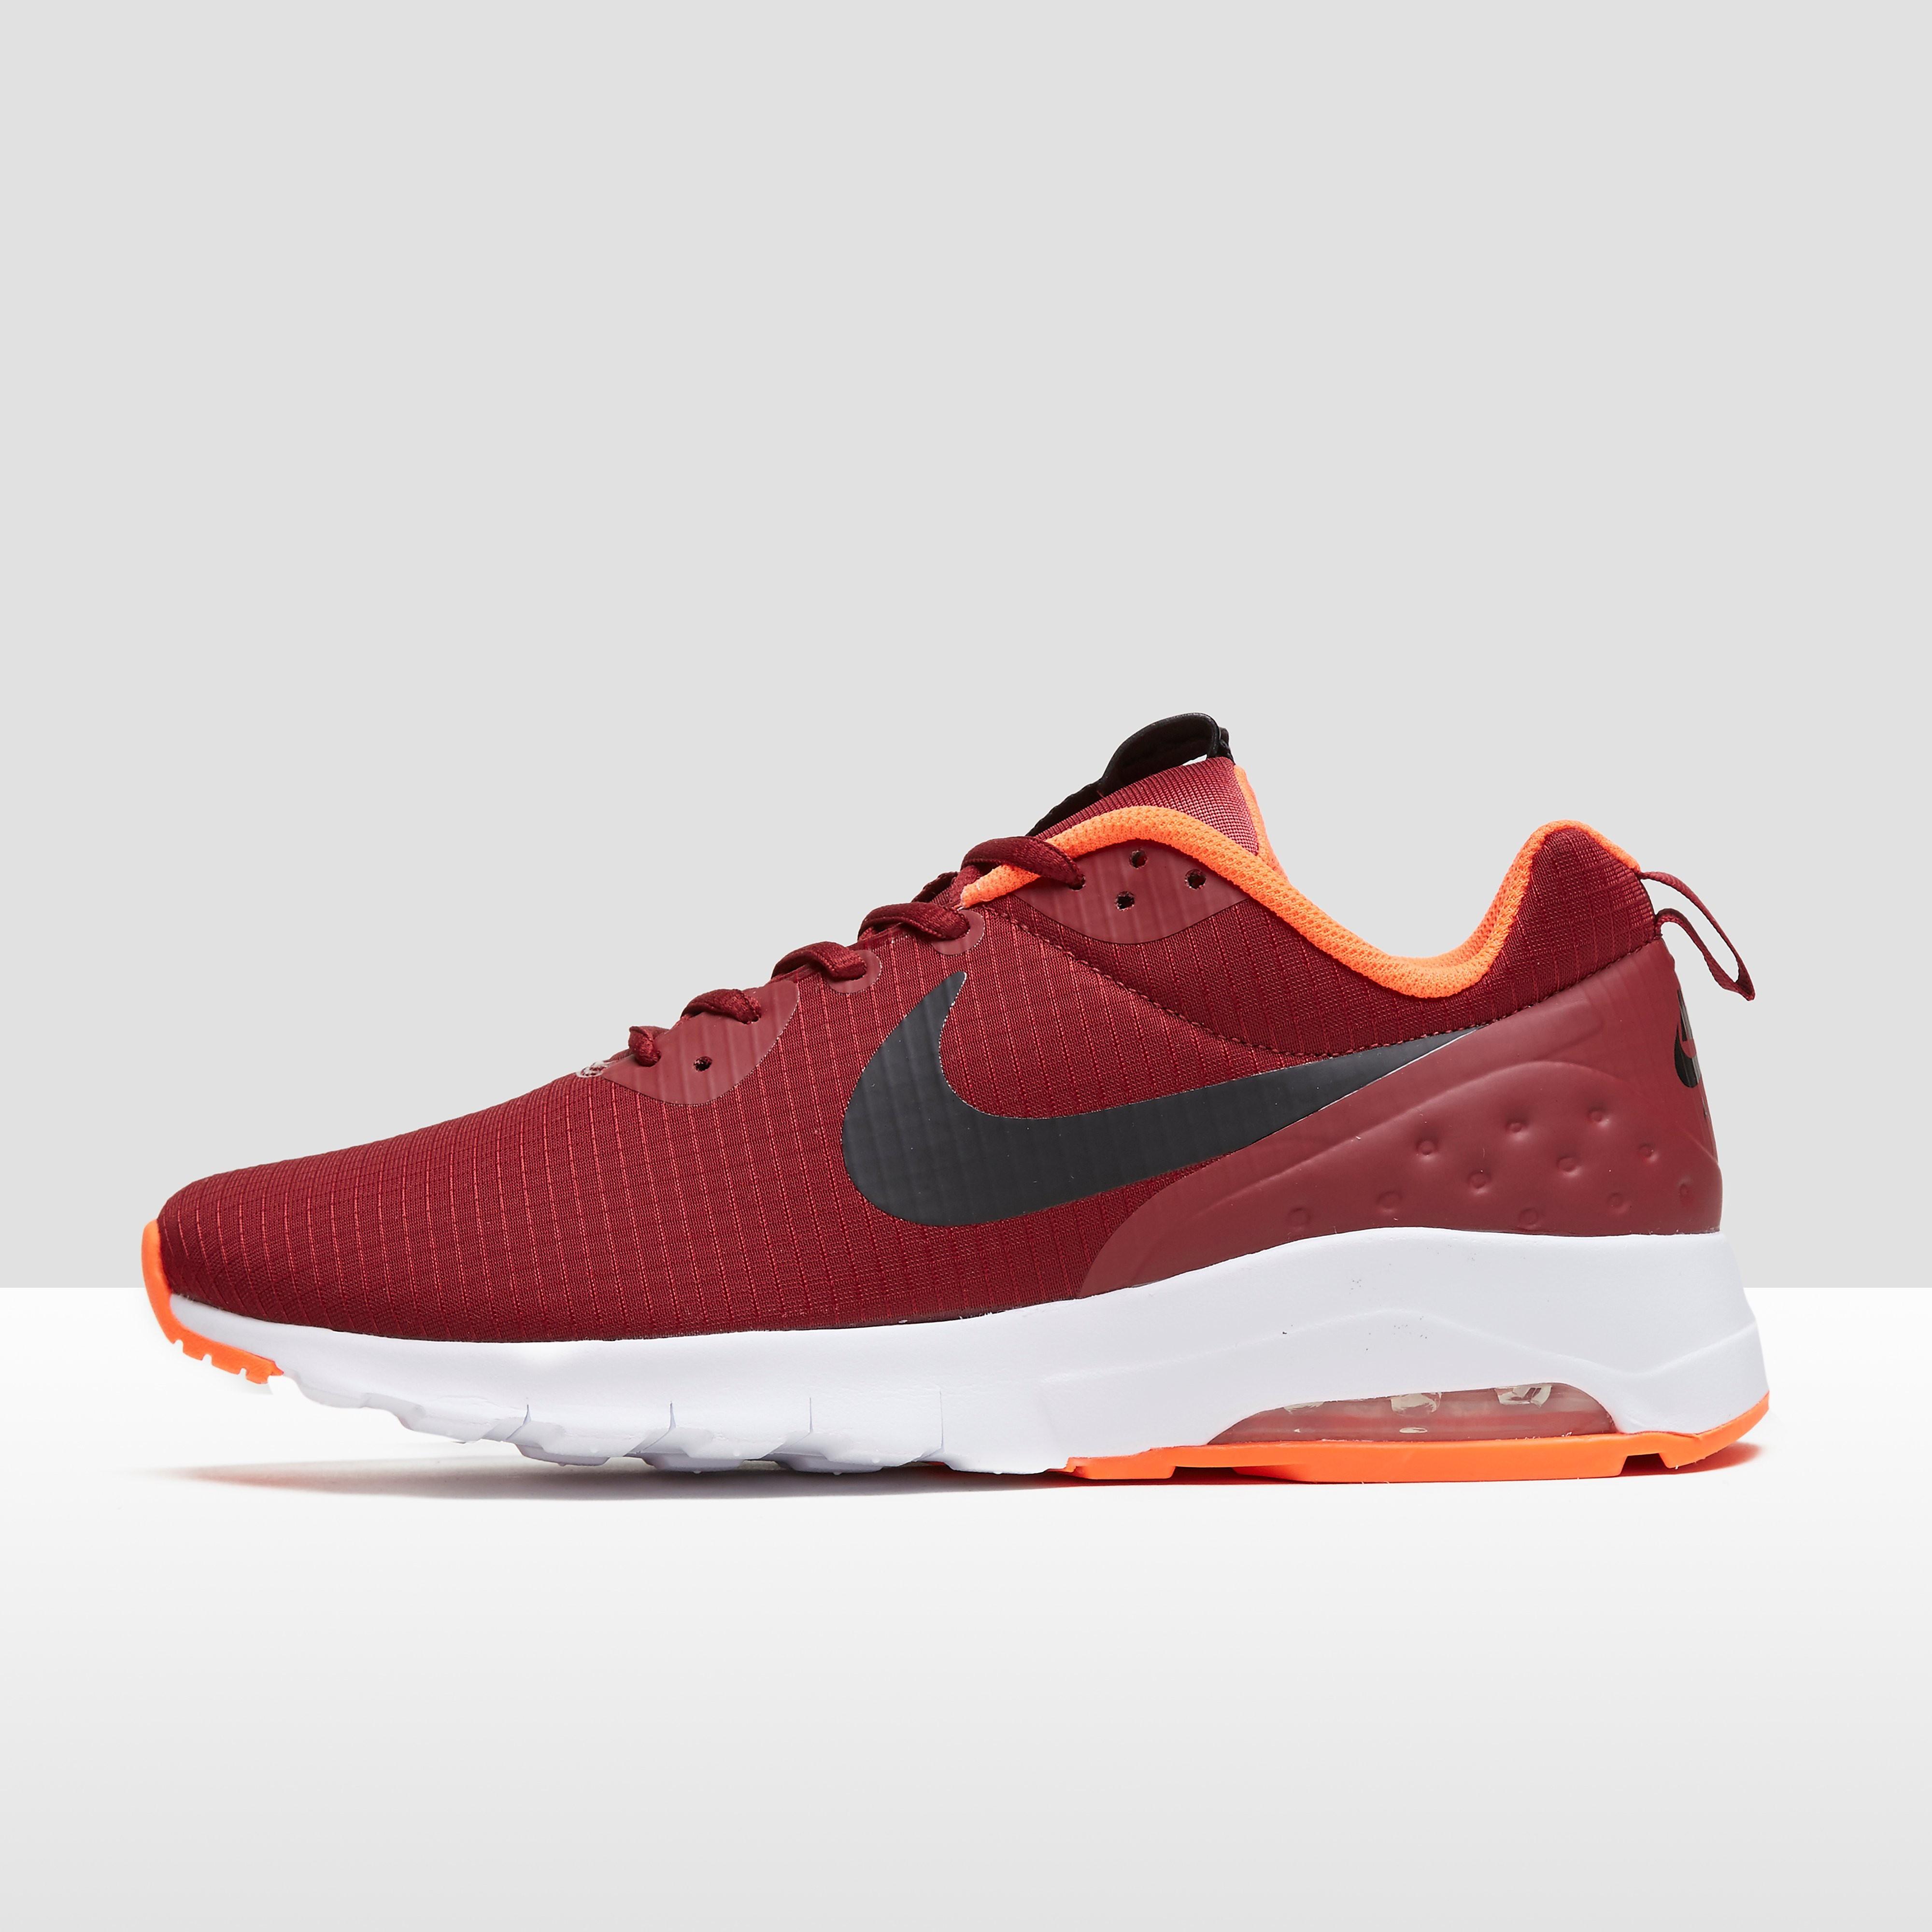 Nike AIR MAX MOTION LOW PREMIUM